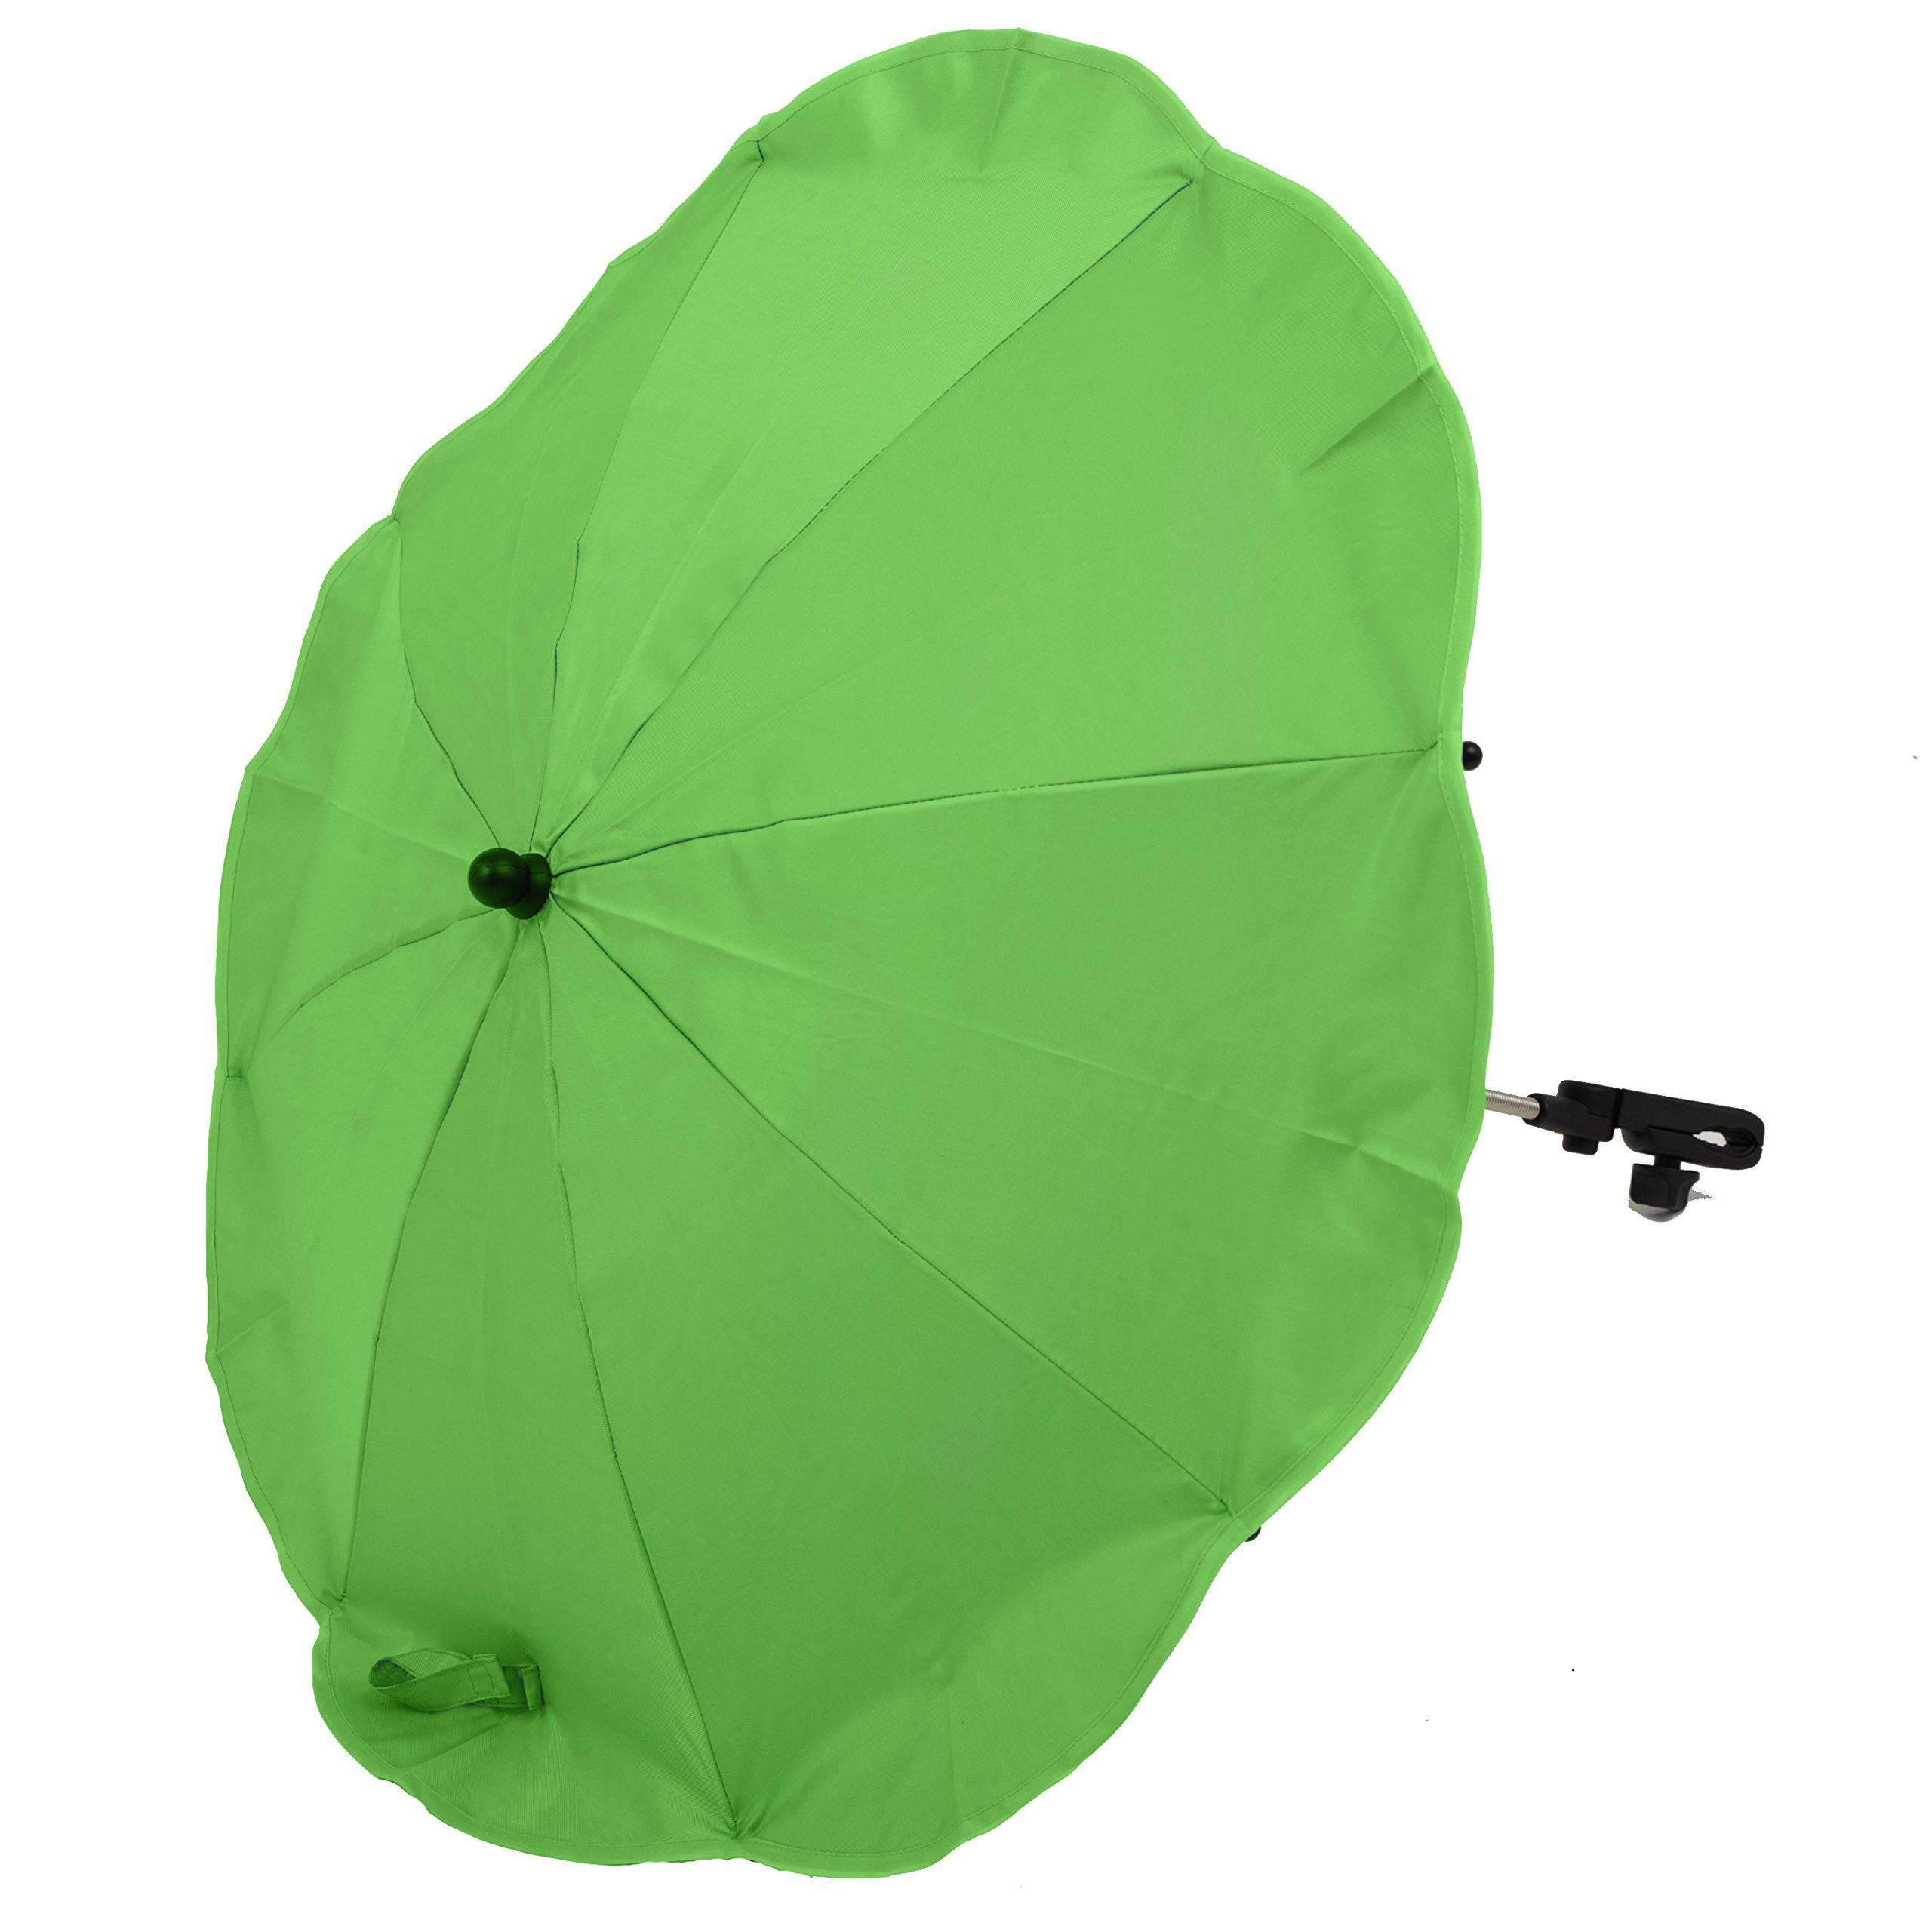 Altabebe AL7000-13 Parasole per Passeggino con Protezione Uv 50+ Universale, Green